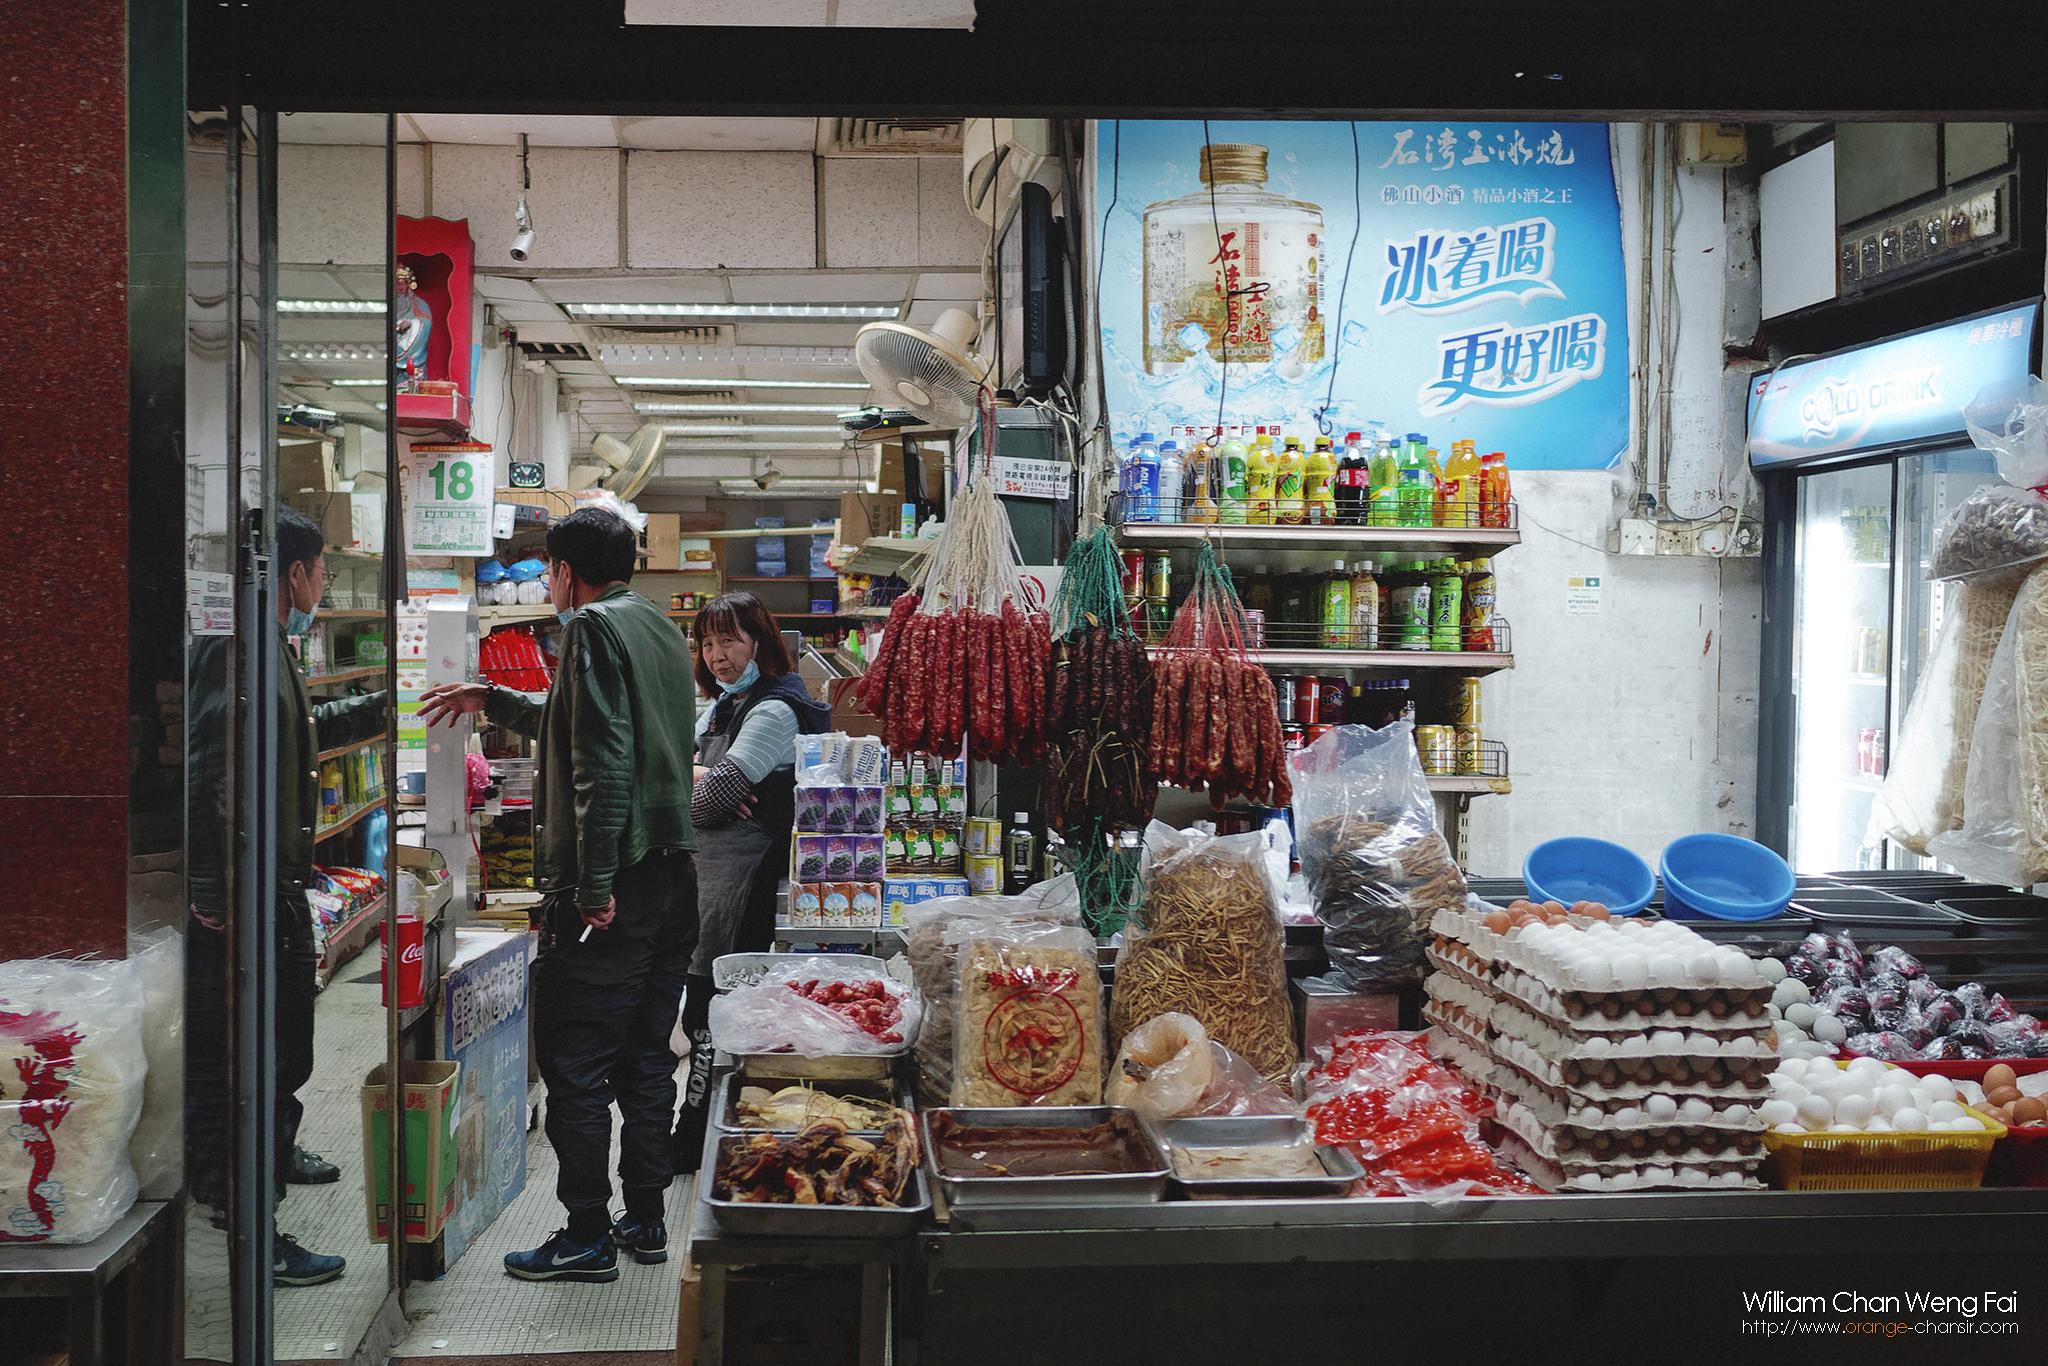 老家樓下的凍肉店,老闆和老闆娘都很和善,但最近大家都不怕死的一窩峰跑出街,每天看著凍肉店人潮湧湧,我有點替他們擔心。